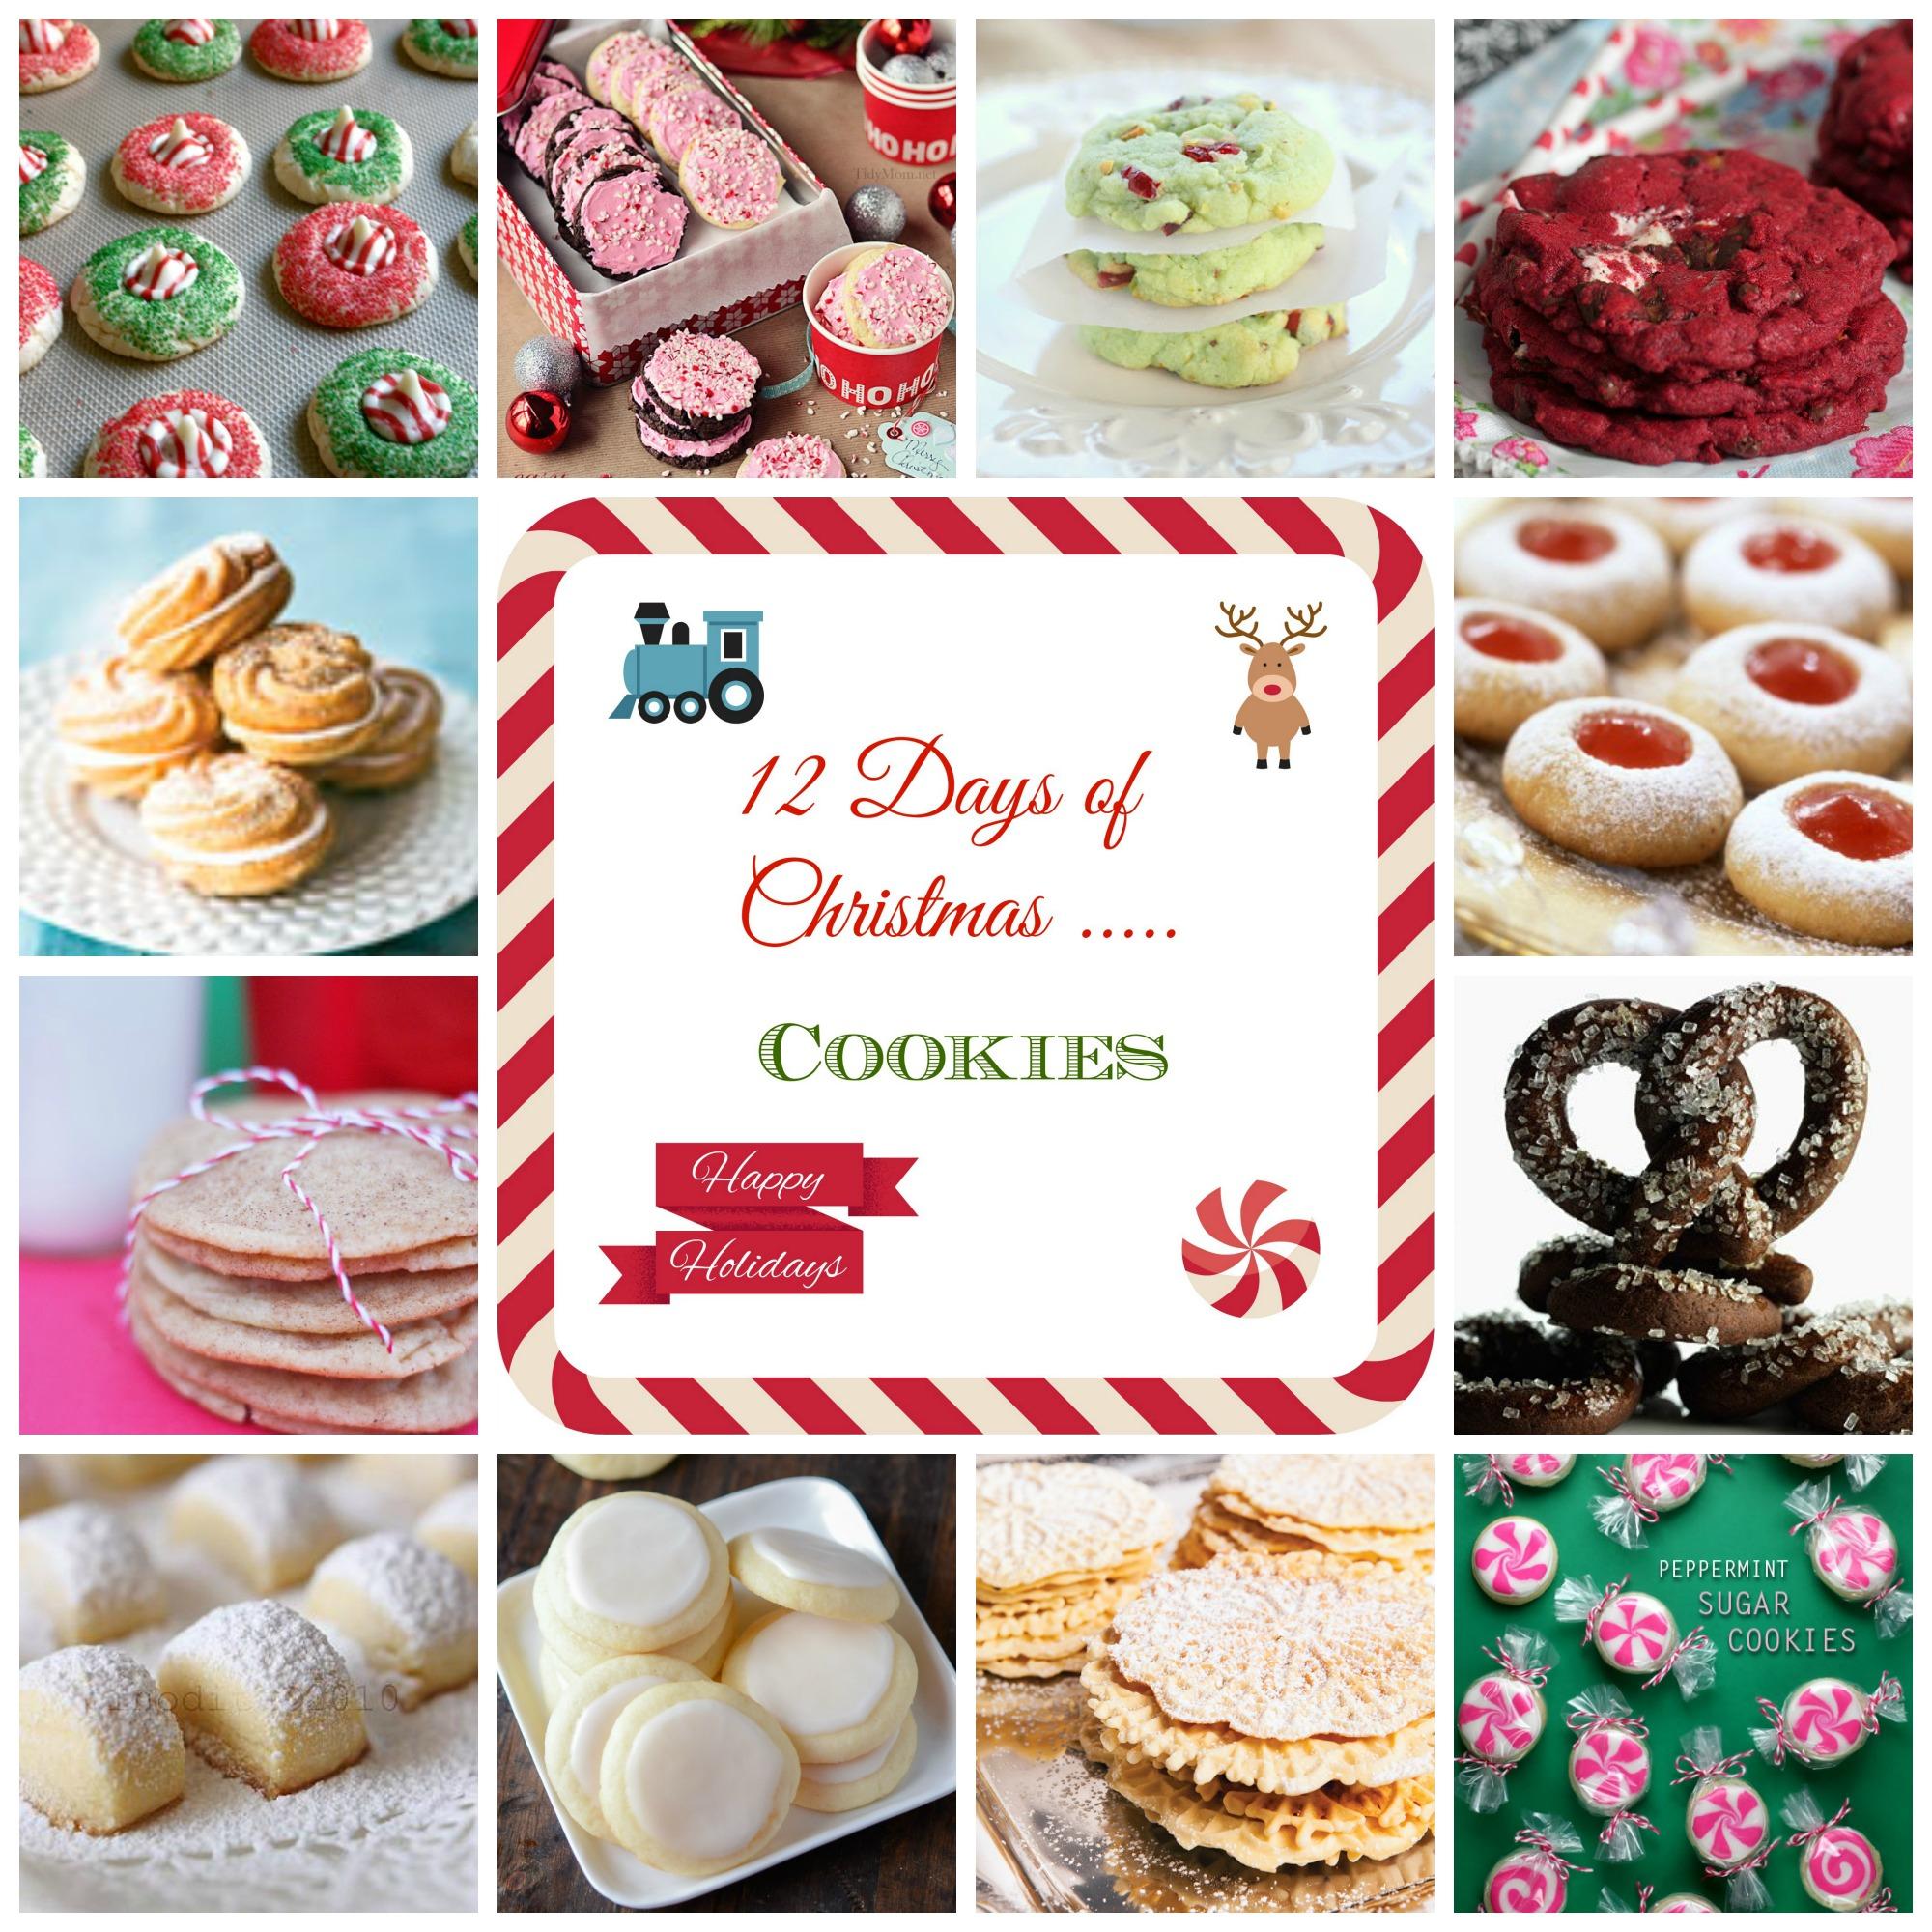 12 Days of Christmas - Christmas Cookies